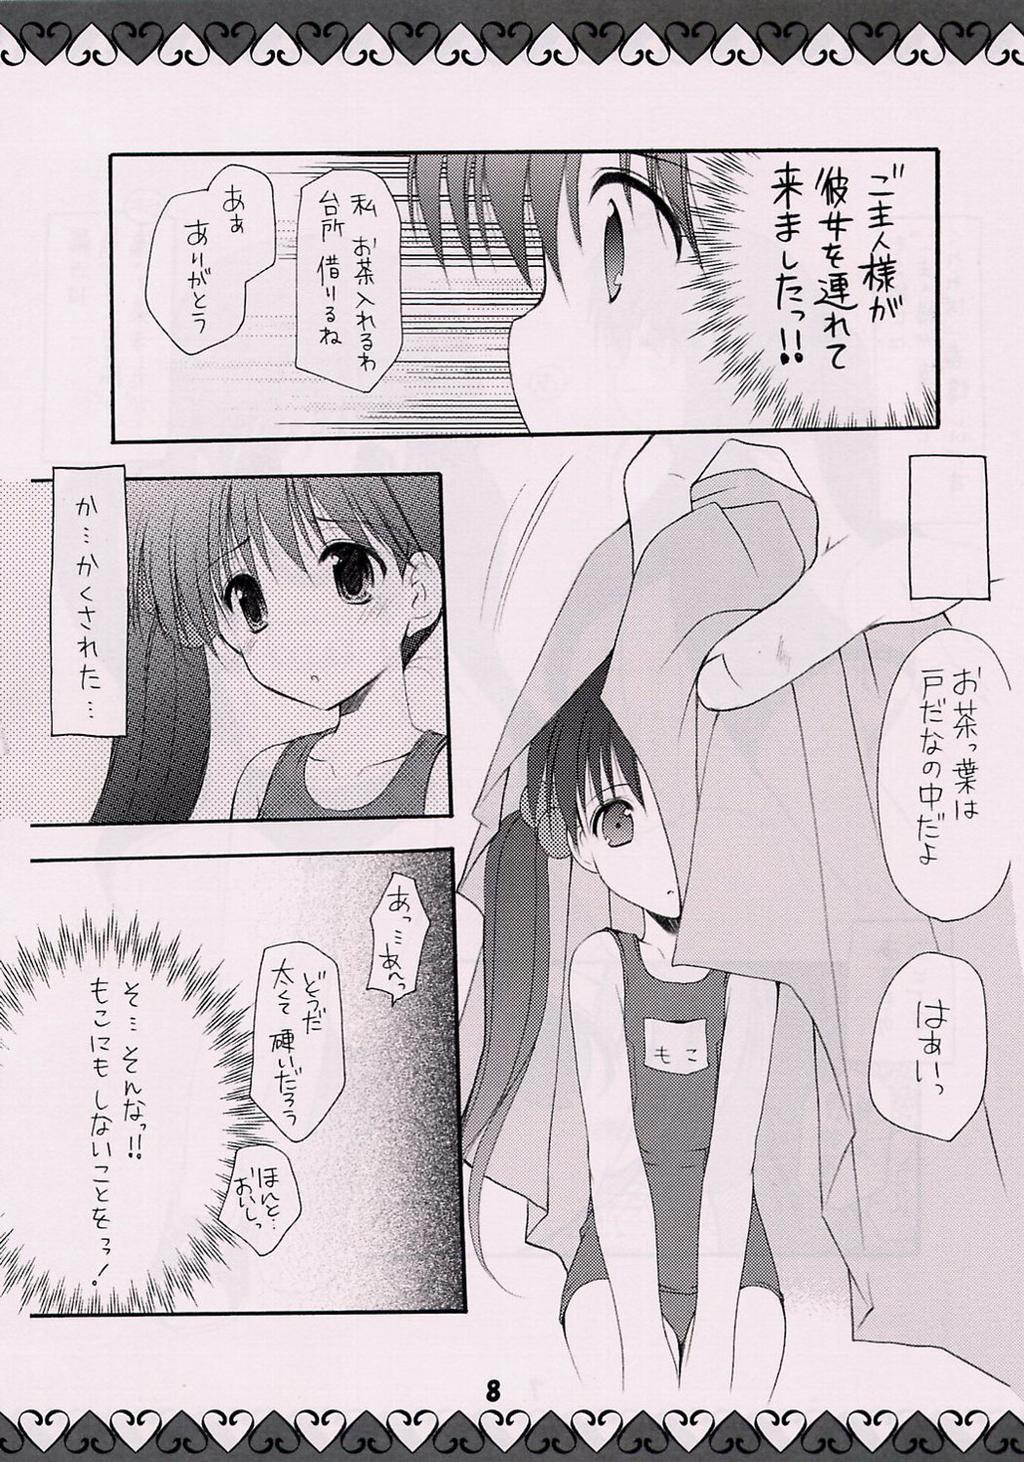 Moko-chan no Hon 6